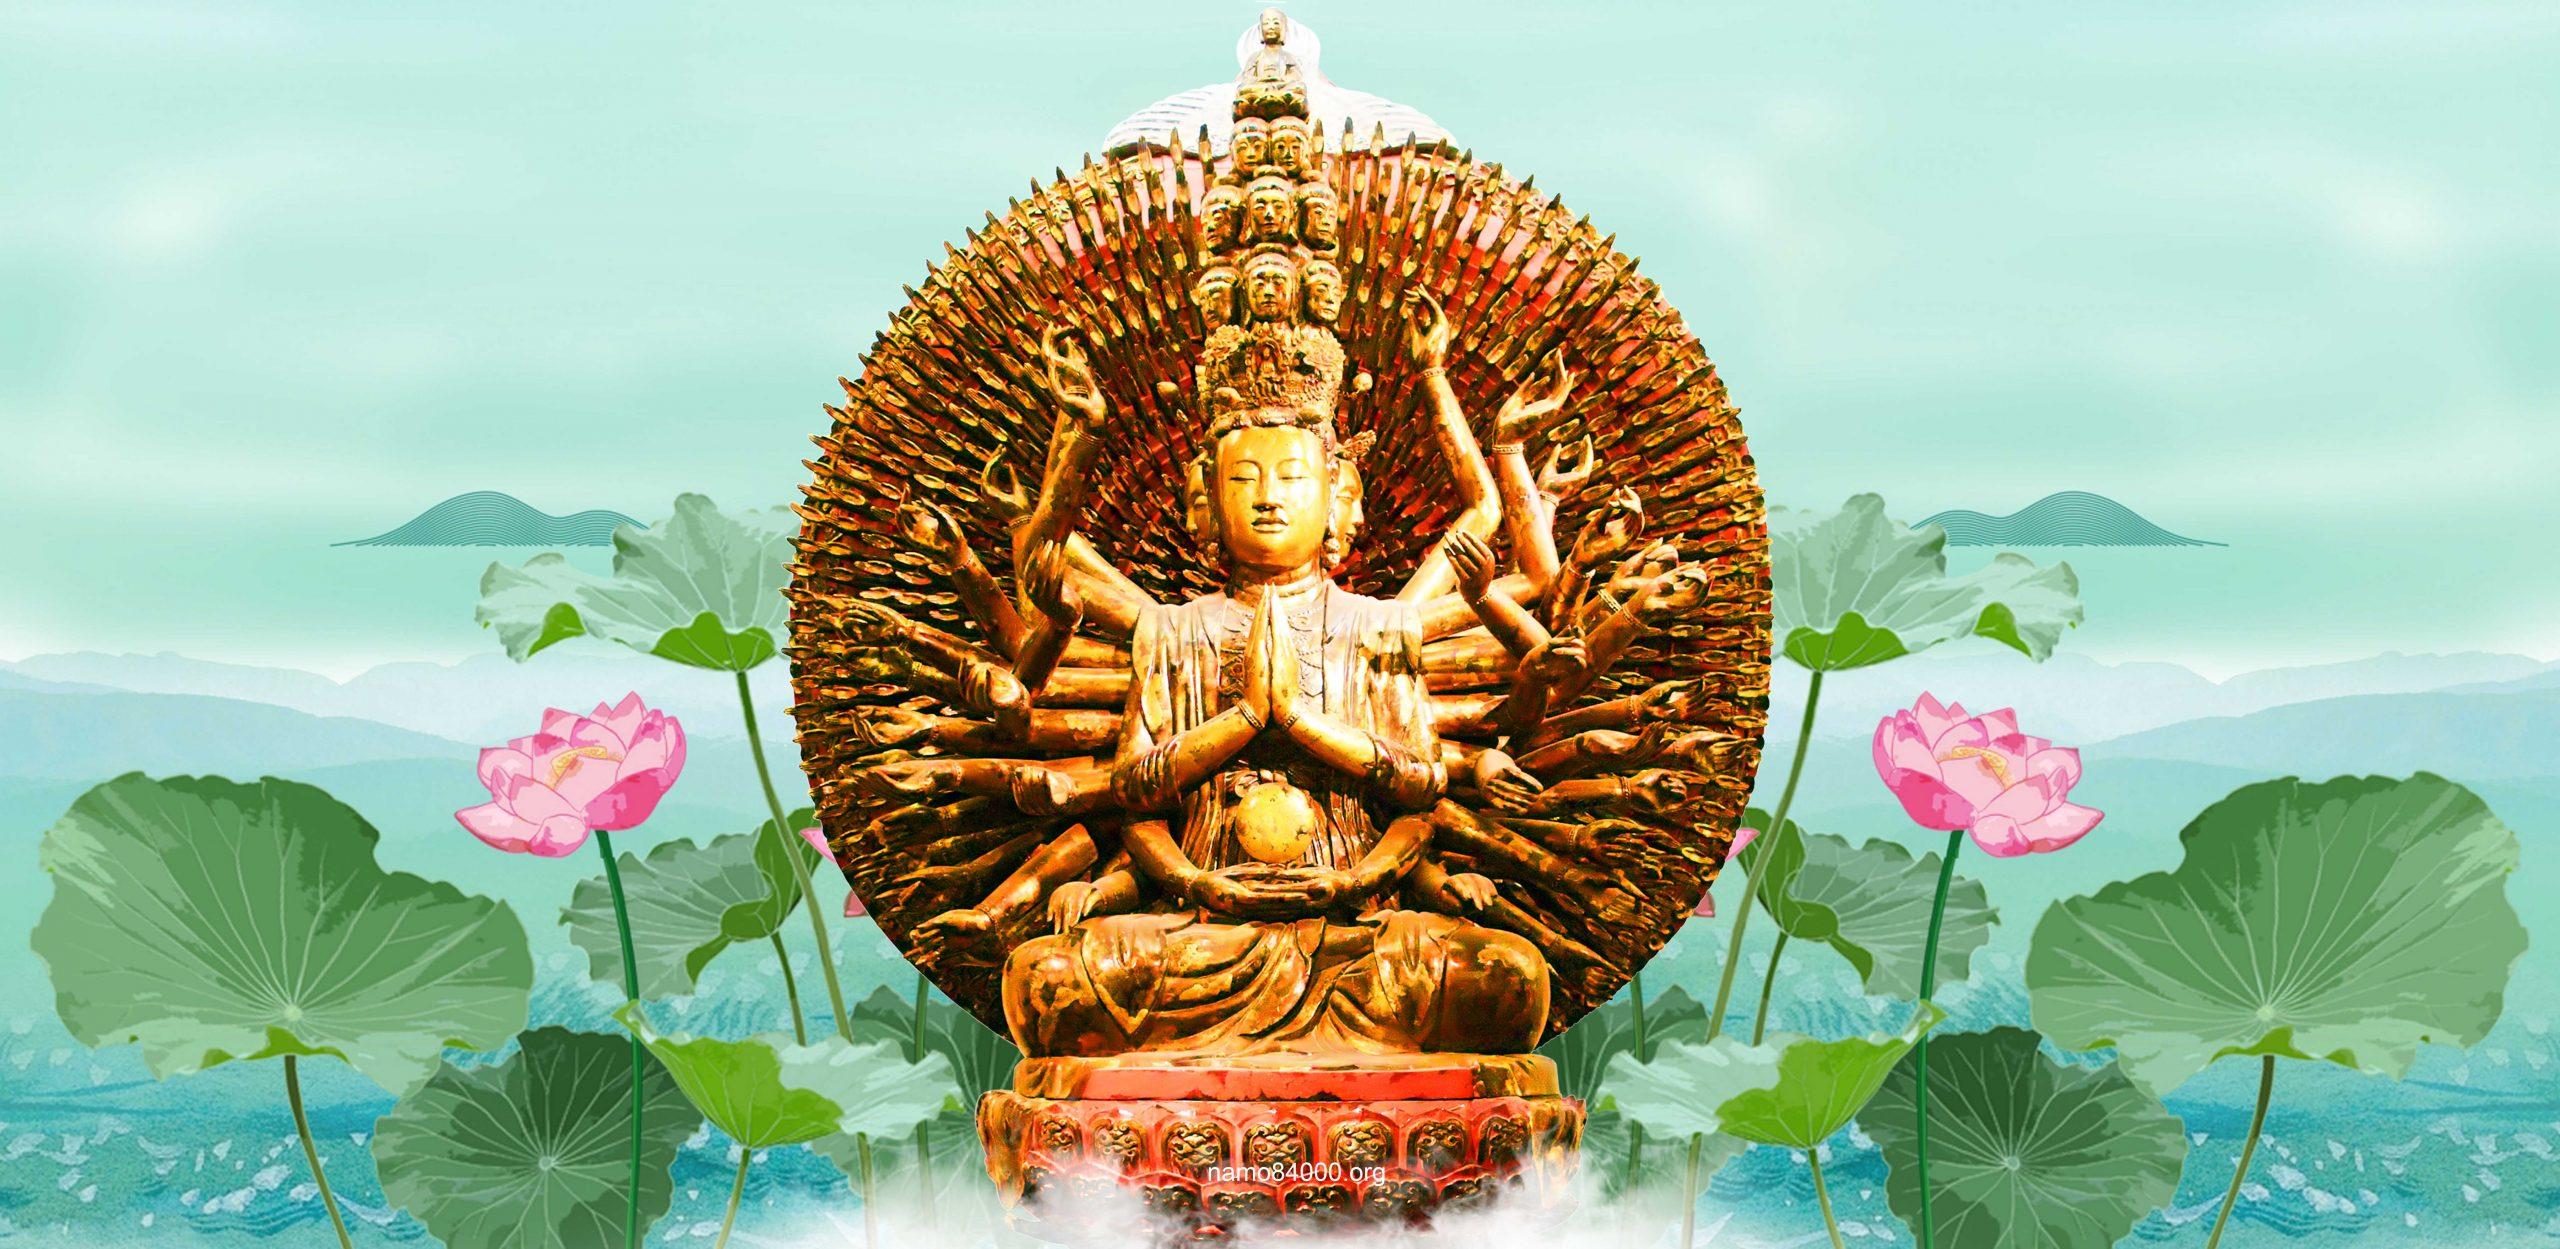 Thiên Thủ Thiên Nhãn Quán Âm Bồ tát – Thousand-Hand Thousand-Eye Avalokitesvara Bodhisattva – 千手观音觀世音菩薩